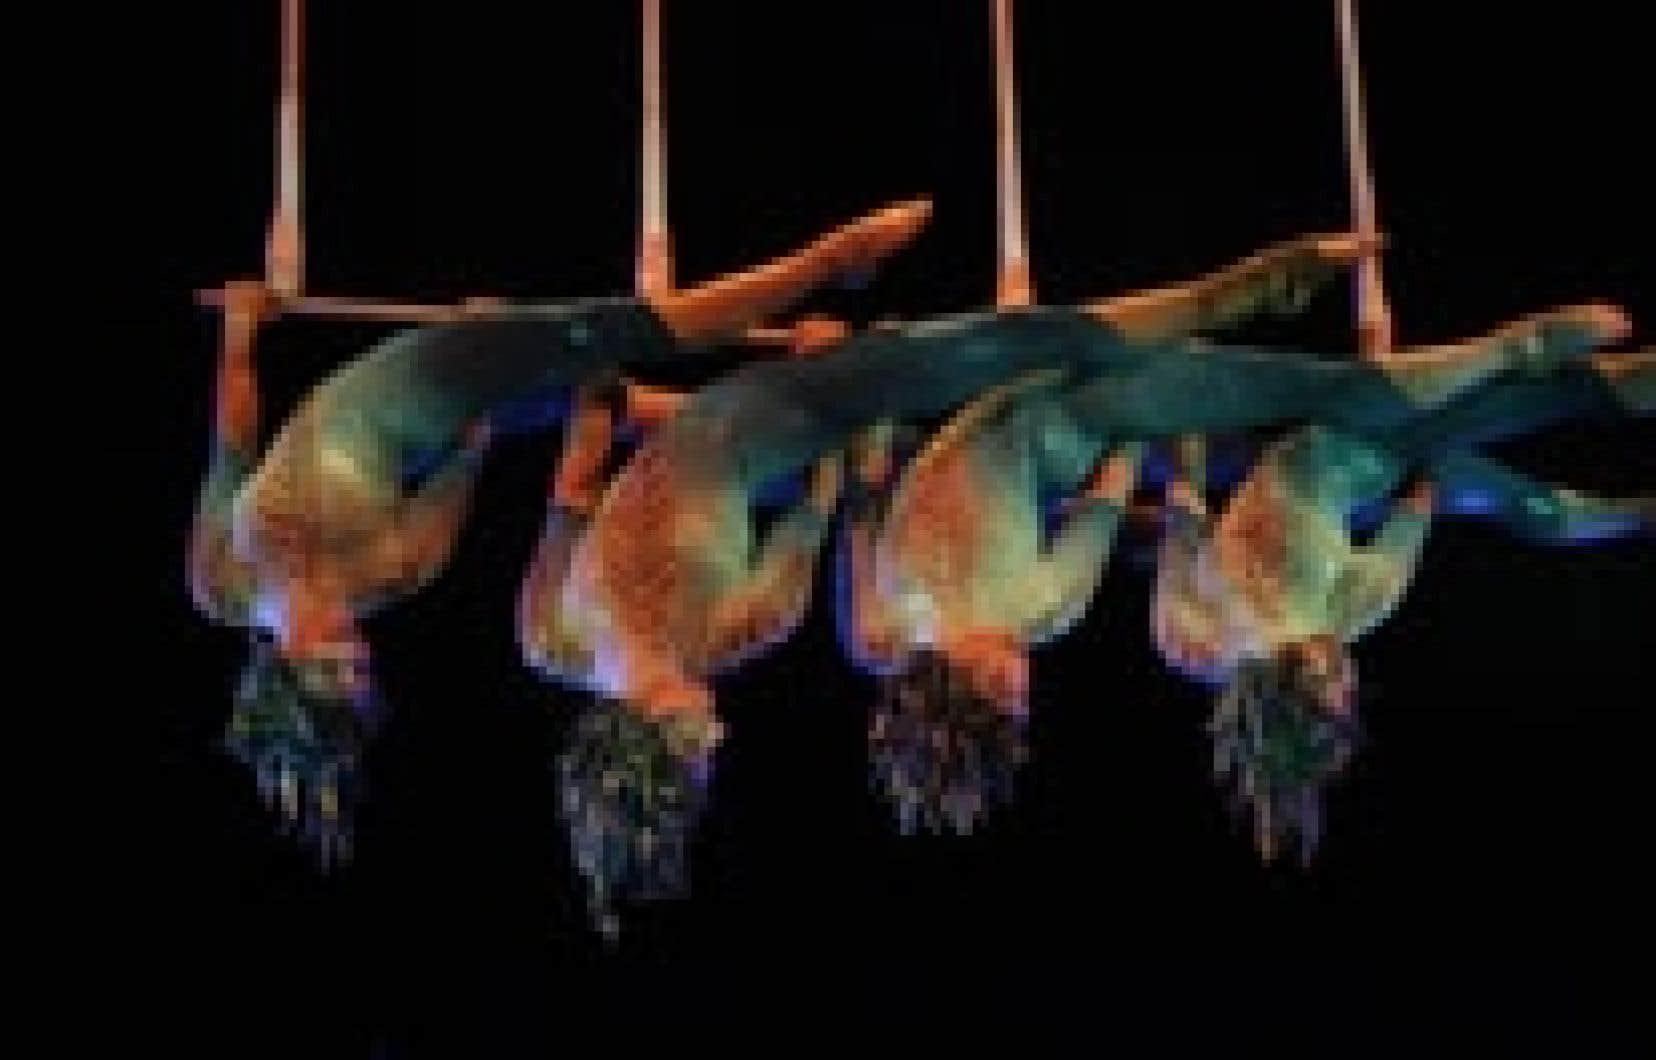 «Le Cirque du Soleil, c'est l'émotion à l'état pur qui fait un tabac dans le monde entier, parti de la rue pour devenir un empire, comme Céline Dion», dit Rapaille.